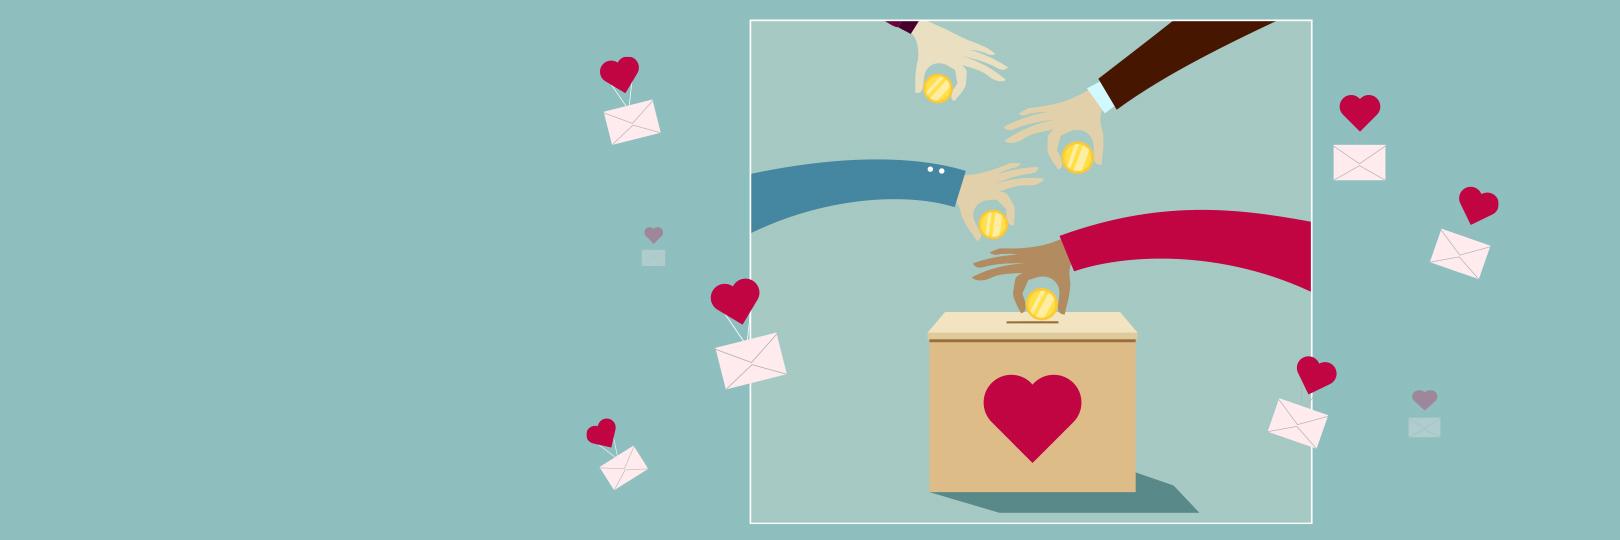 公益捐款 愛心送暖 幸福滿滿